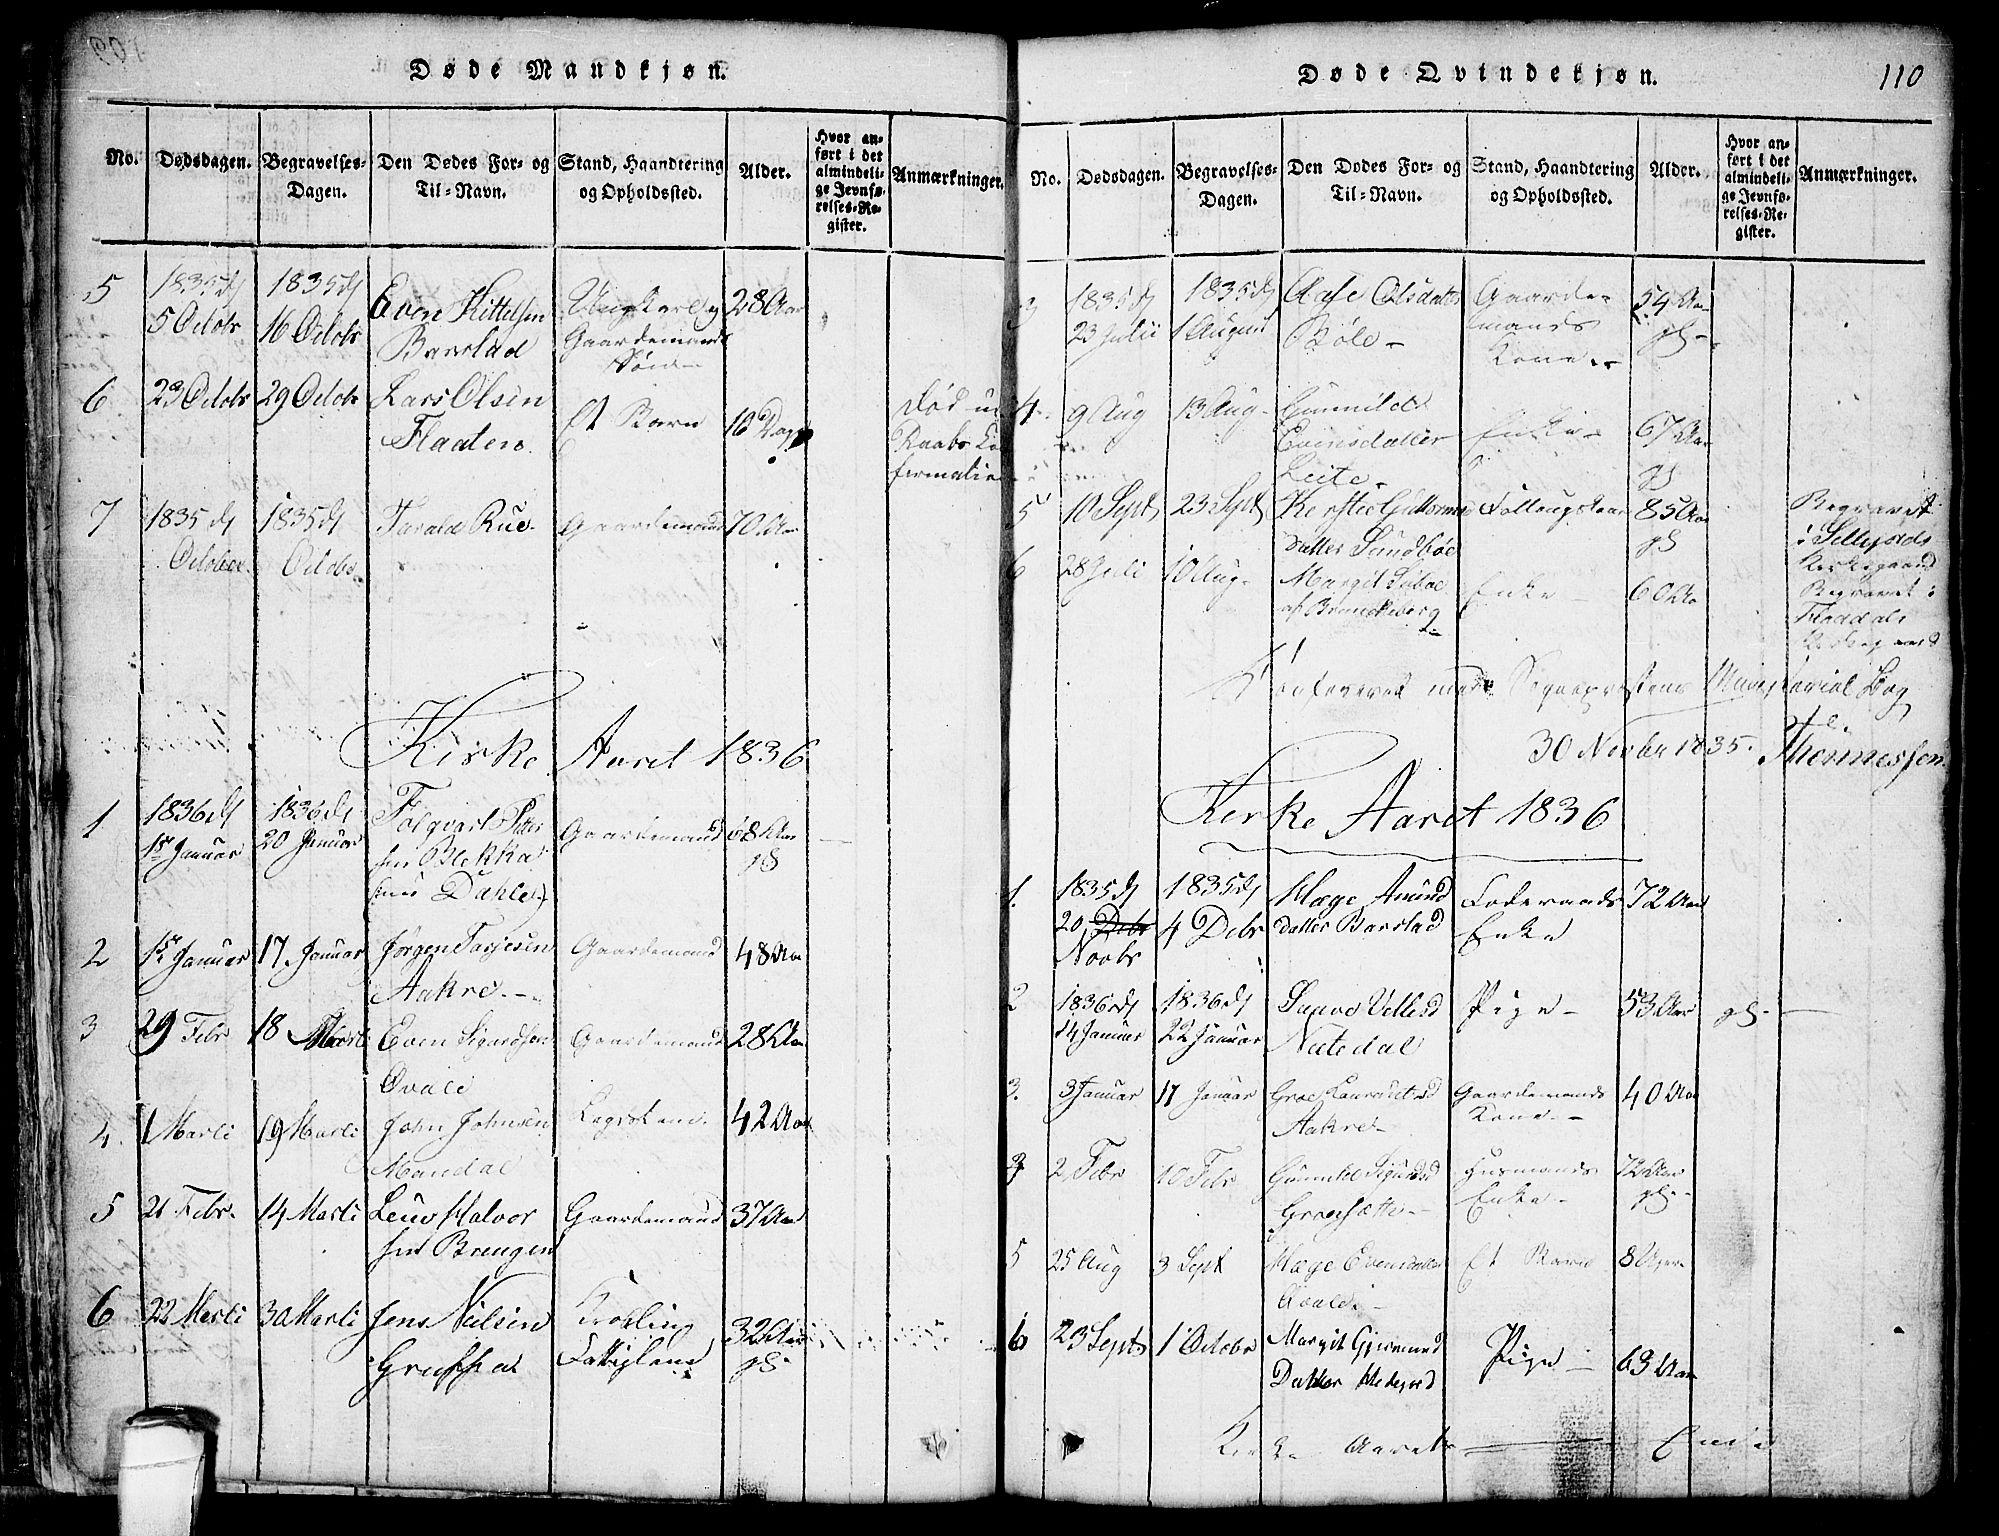 SAKO, Seljord kirkebøker, G/Gb/L0002: Klokkerbok nr. II 2, 1815-1854, s. 110